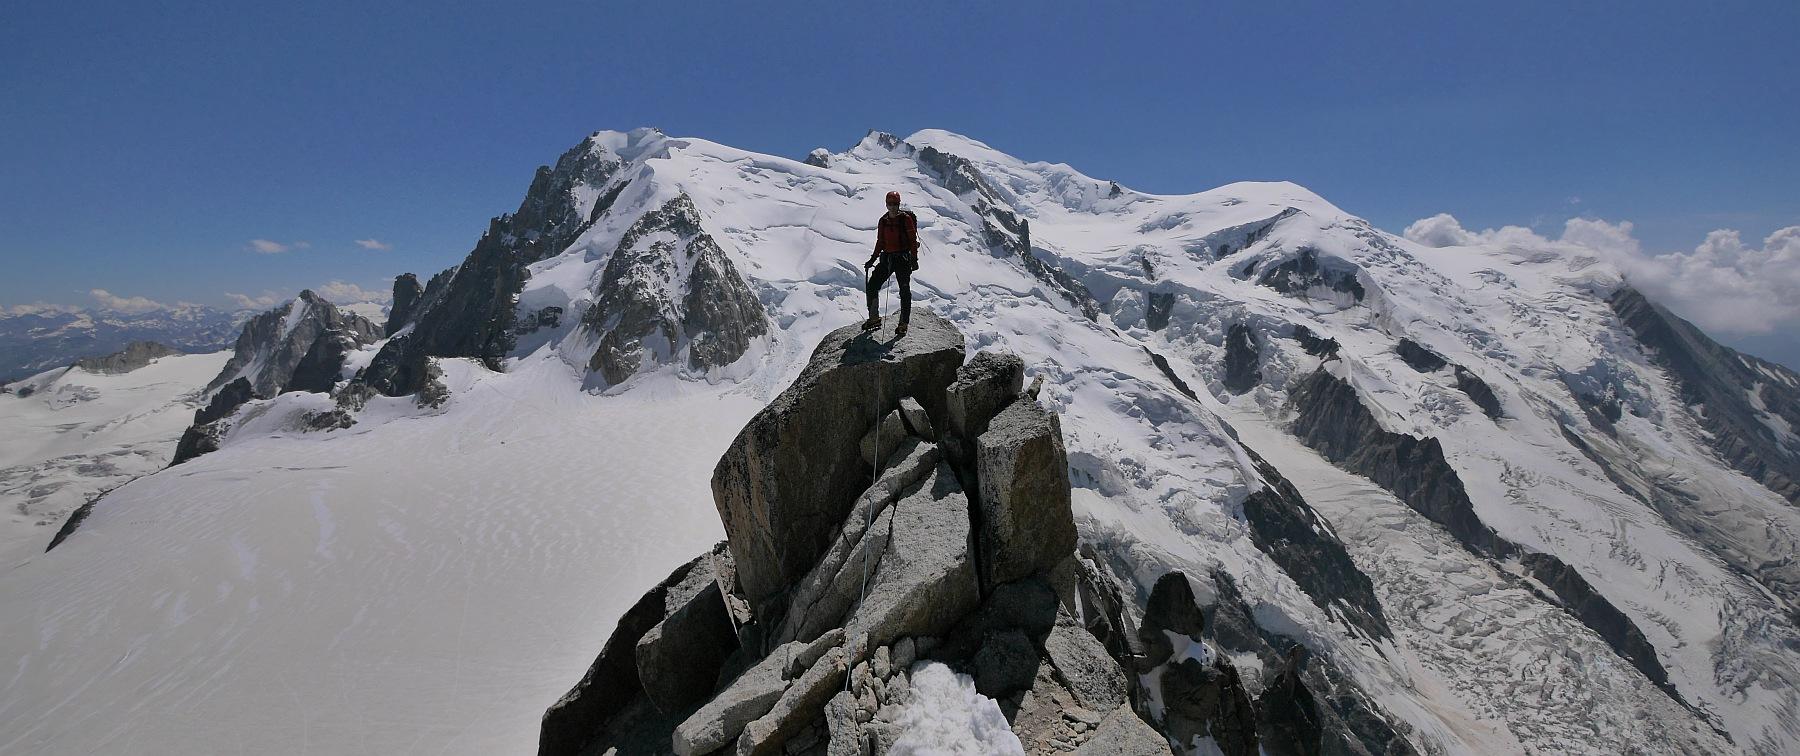 Cosmiques Arete & Aiguille d'Entreves Ascents